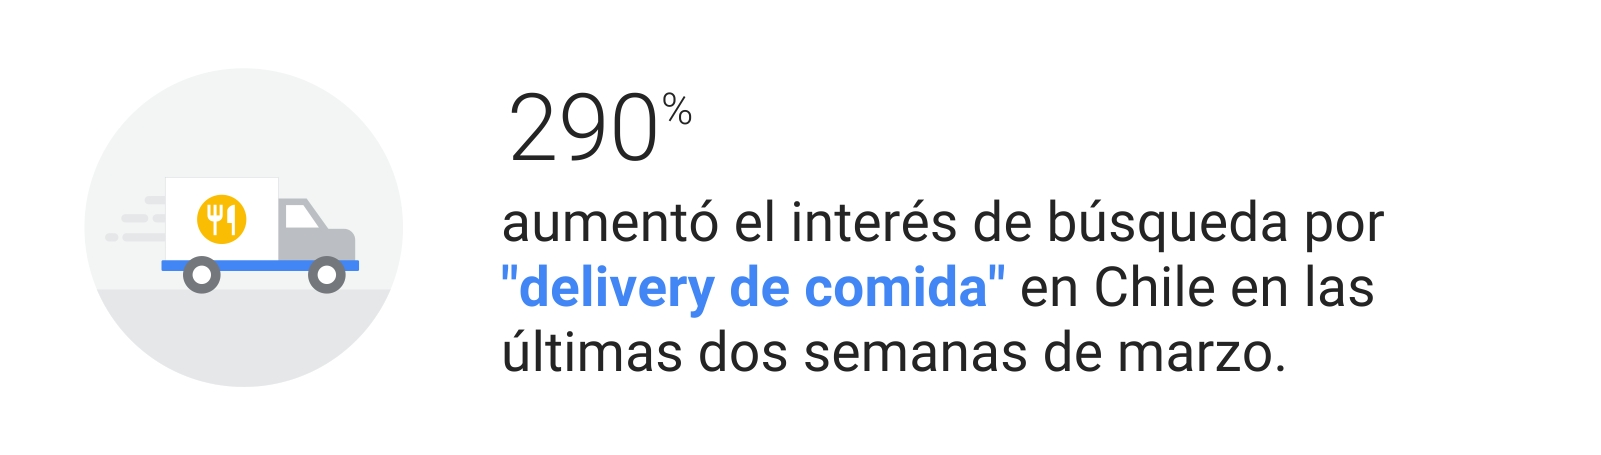 """Ilustración de un camión blanco con un ícono amarillo de cuchillo y tenedor sobre la caja. Estadística: 290% aumentó el interés de búsqueda por """"delivery de comida"""" en Chile en las últimas dos semanas de marzo."""